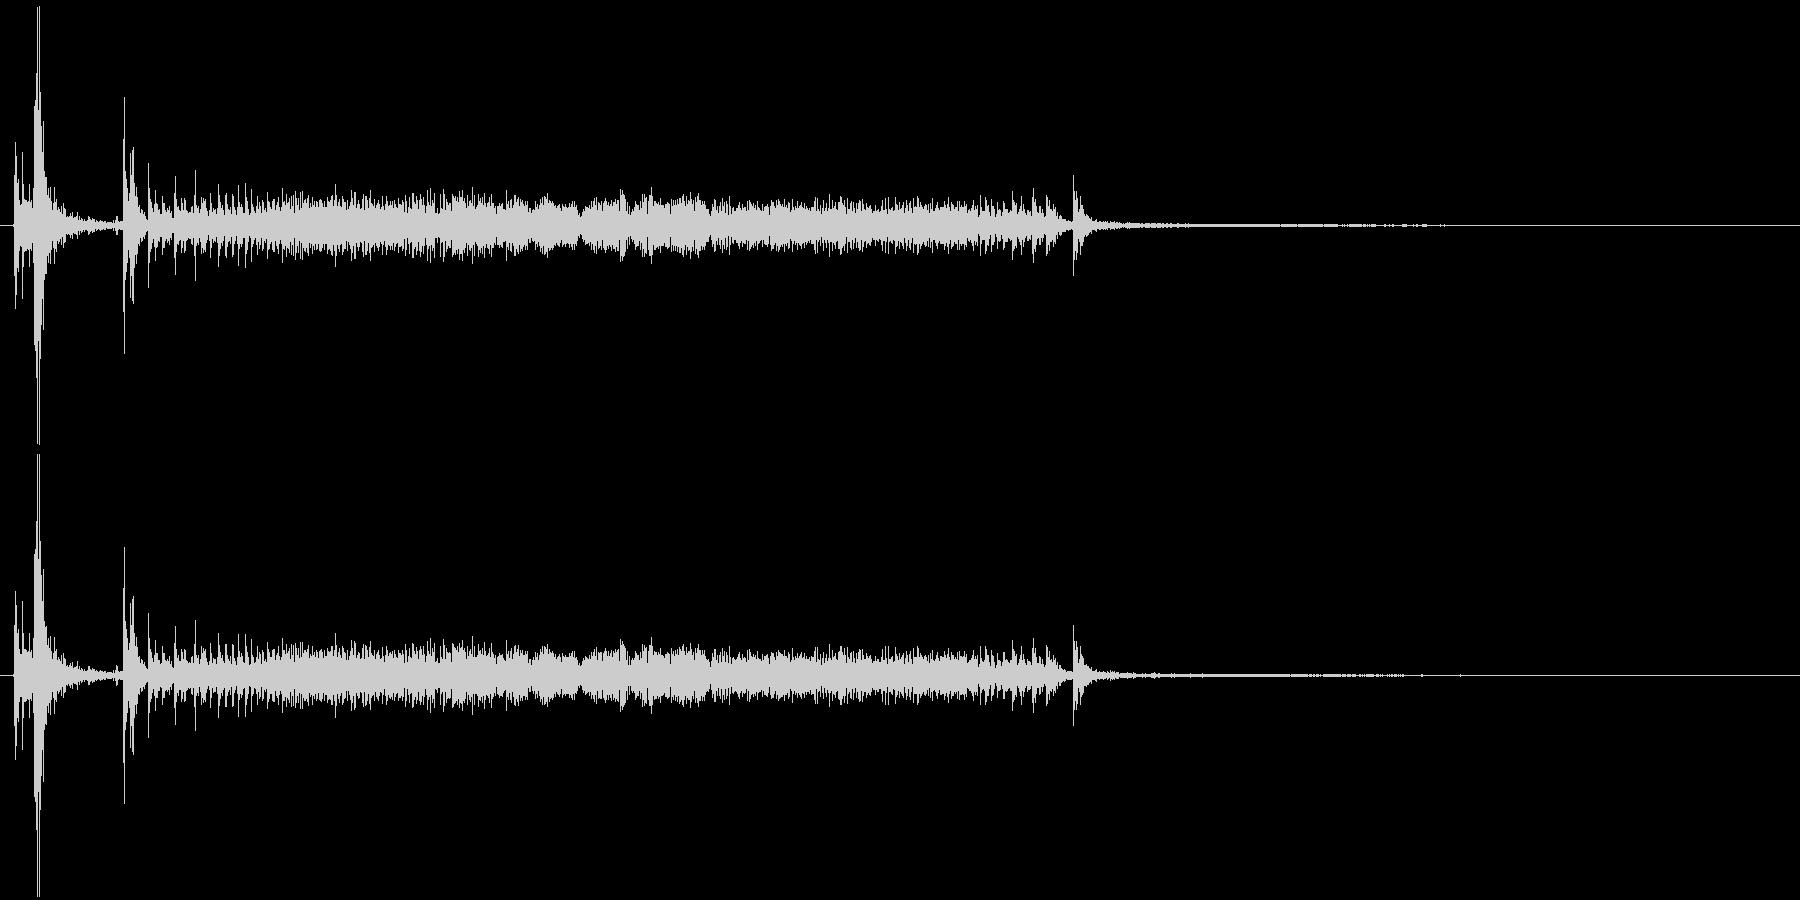 鉄製の扉が開く音-3の未再生の波形